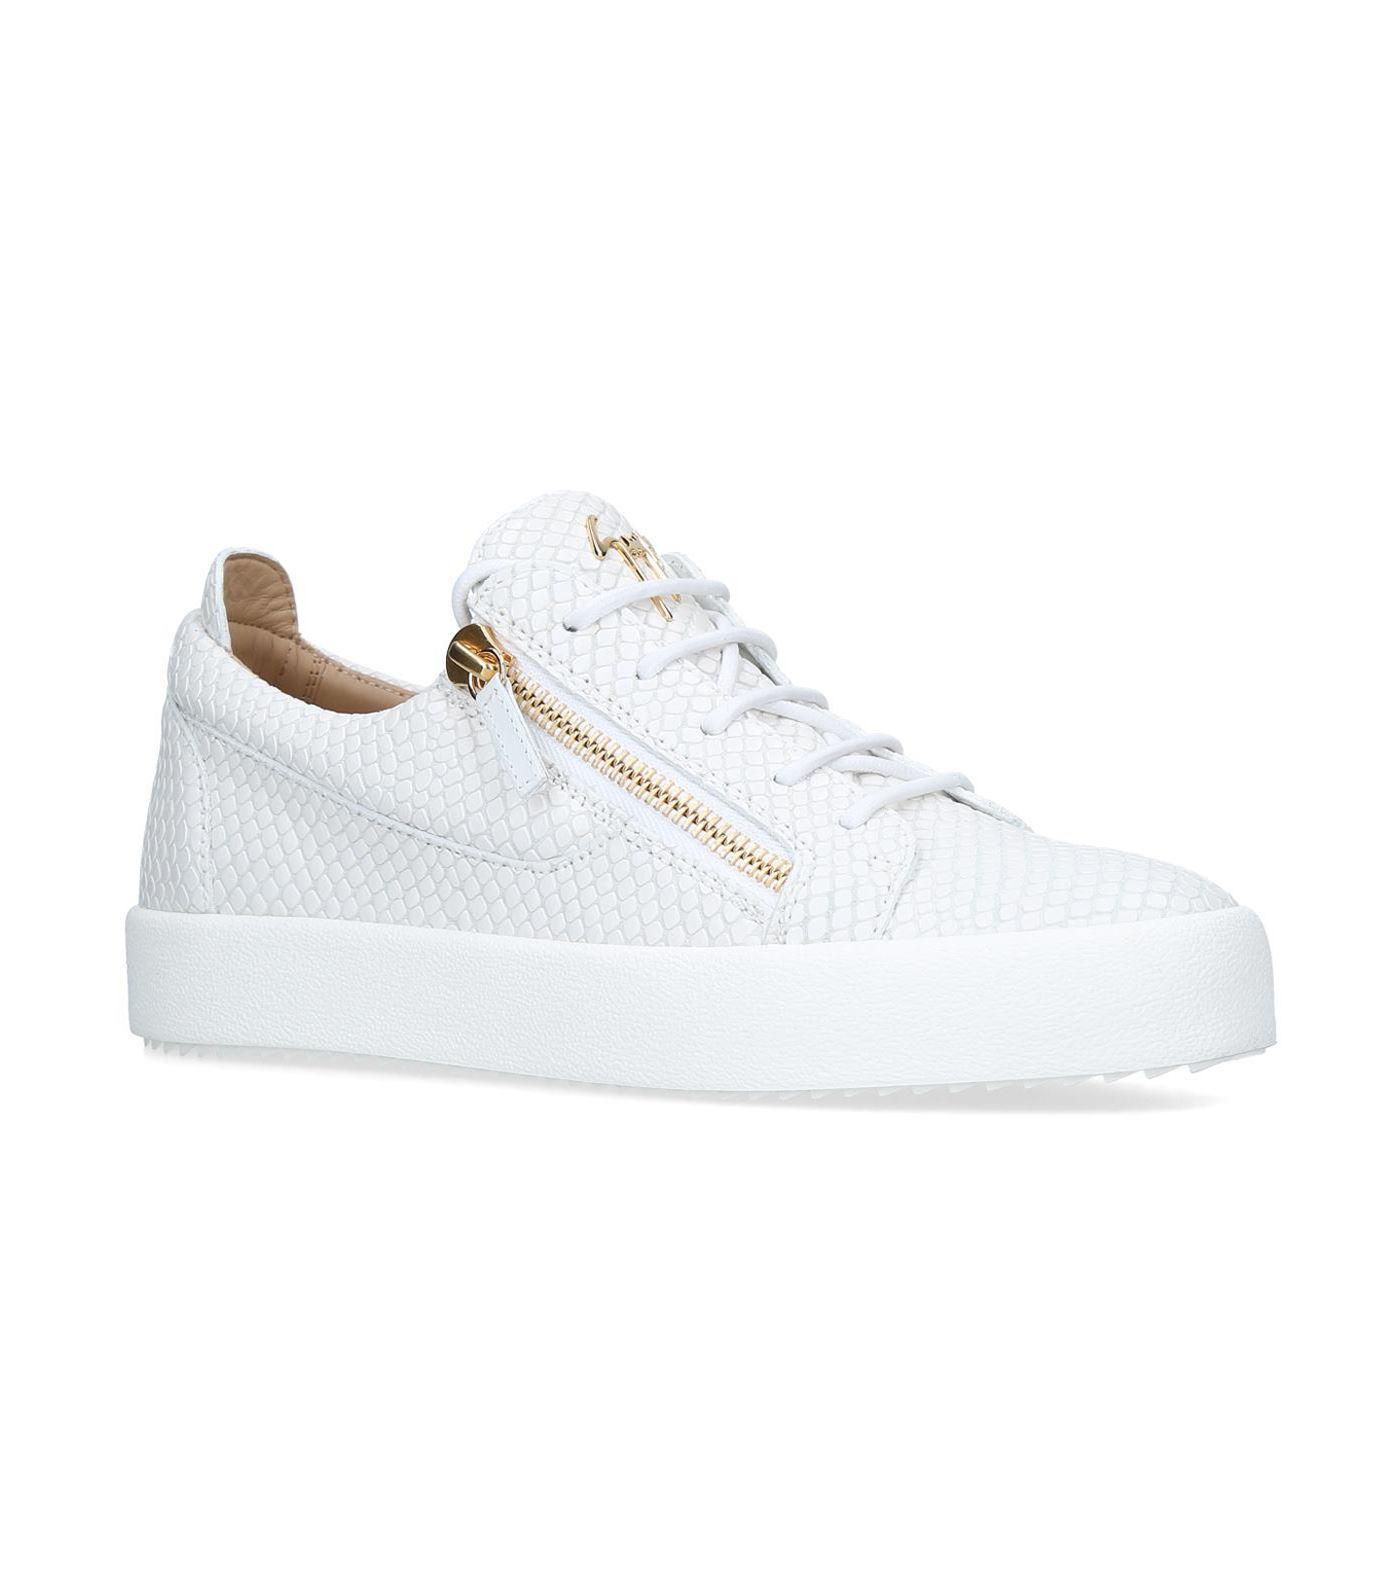 7ab115f2dd7d6 Lyst - Giuseppe Zanotti Croc Embossed Sneakers in White for Men